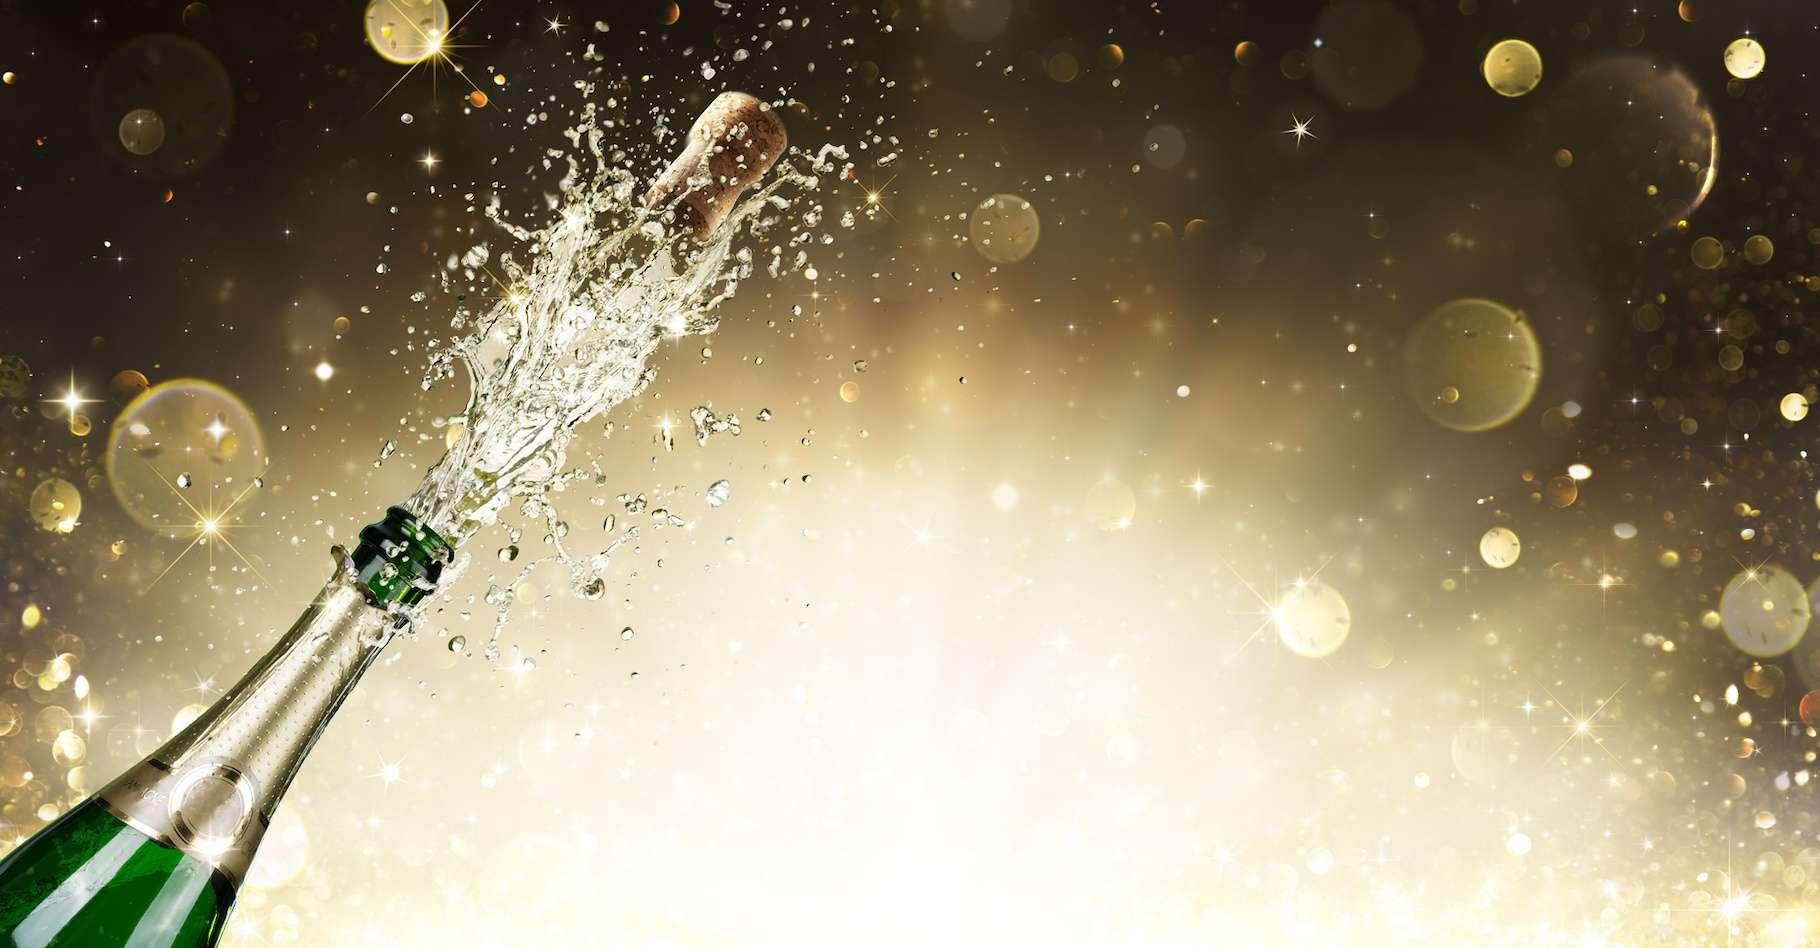 Quand une bouteille de champagne à température ambiante est débouchée, du CO2 et des traces de vapeur d'eau jaillissent à une vitesse pouvant atteindre Mach 2. © Romolo Tavani, Fotolia